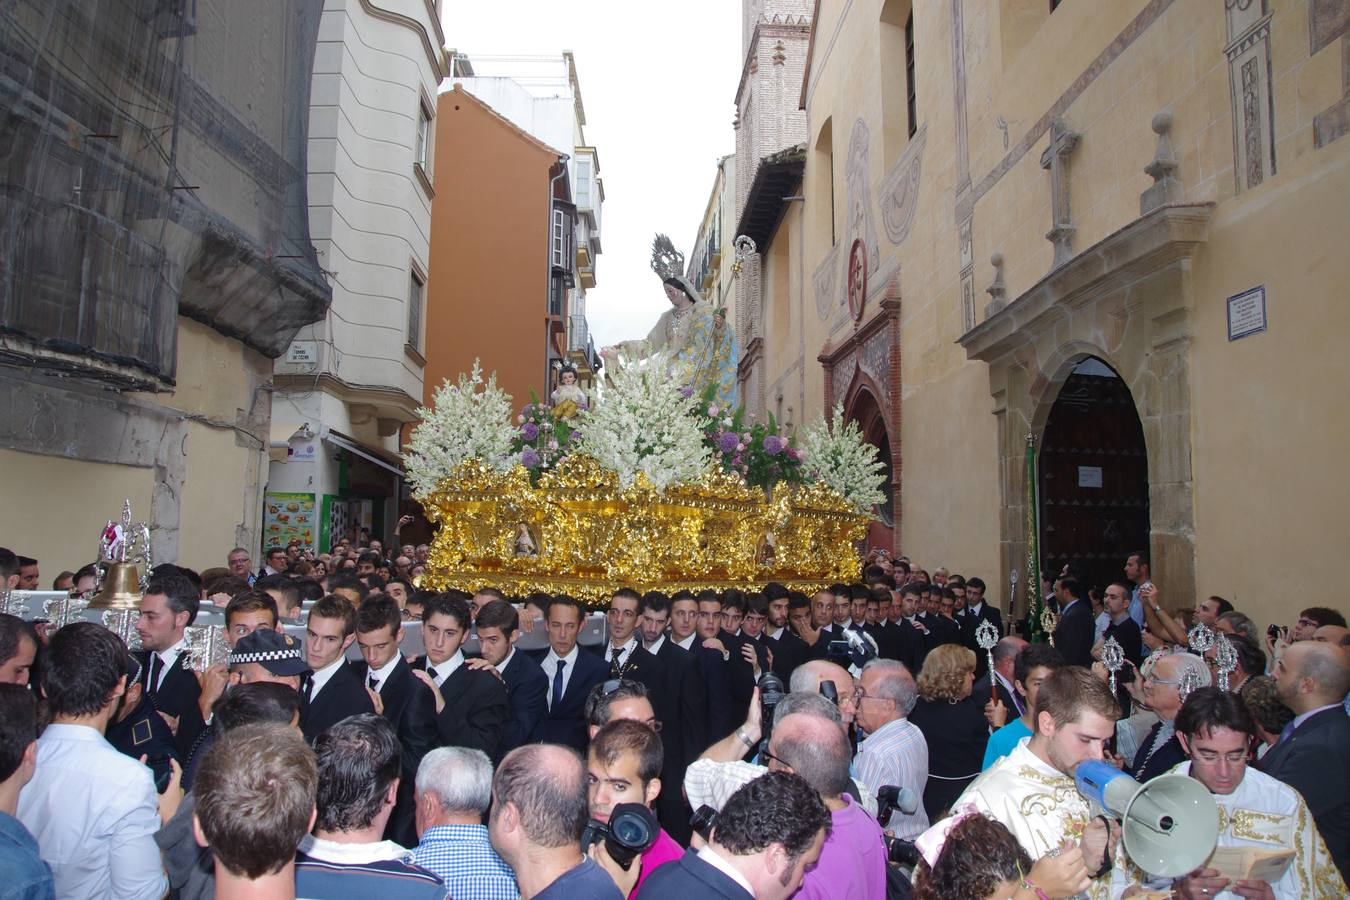 La procesión de la Divina Pastora ha inaugurado los actos del sábado del Mater Dei